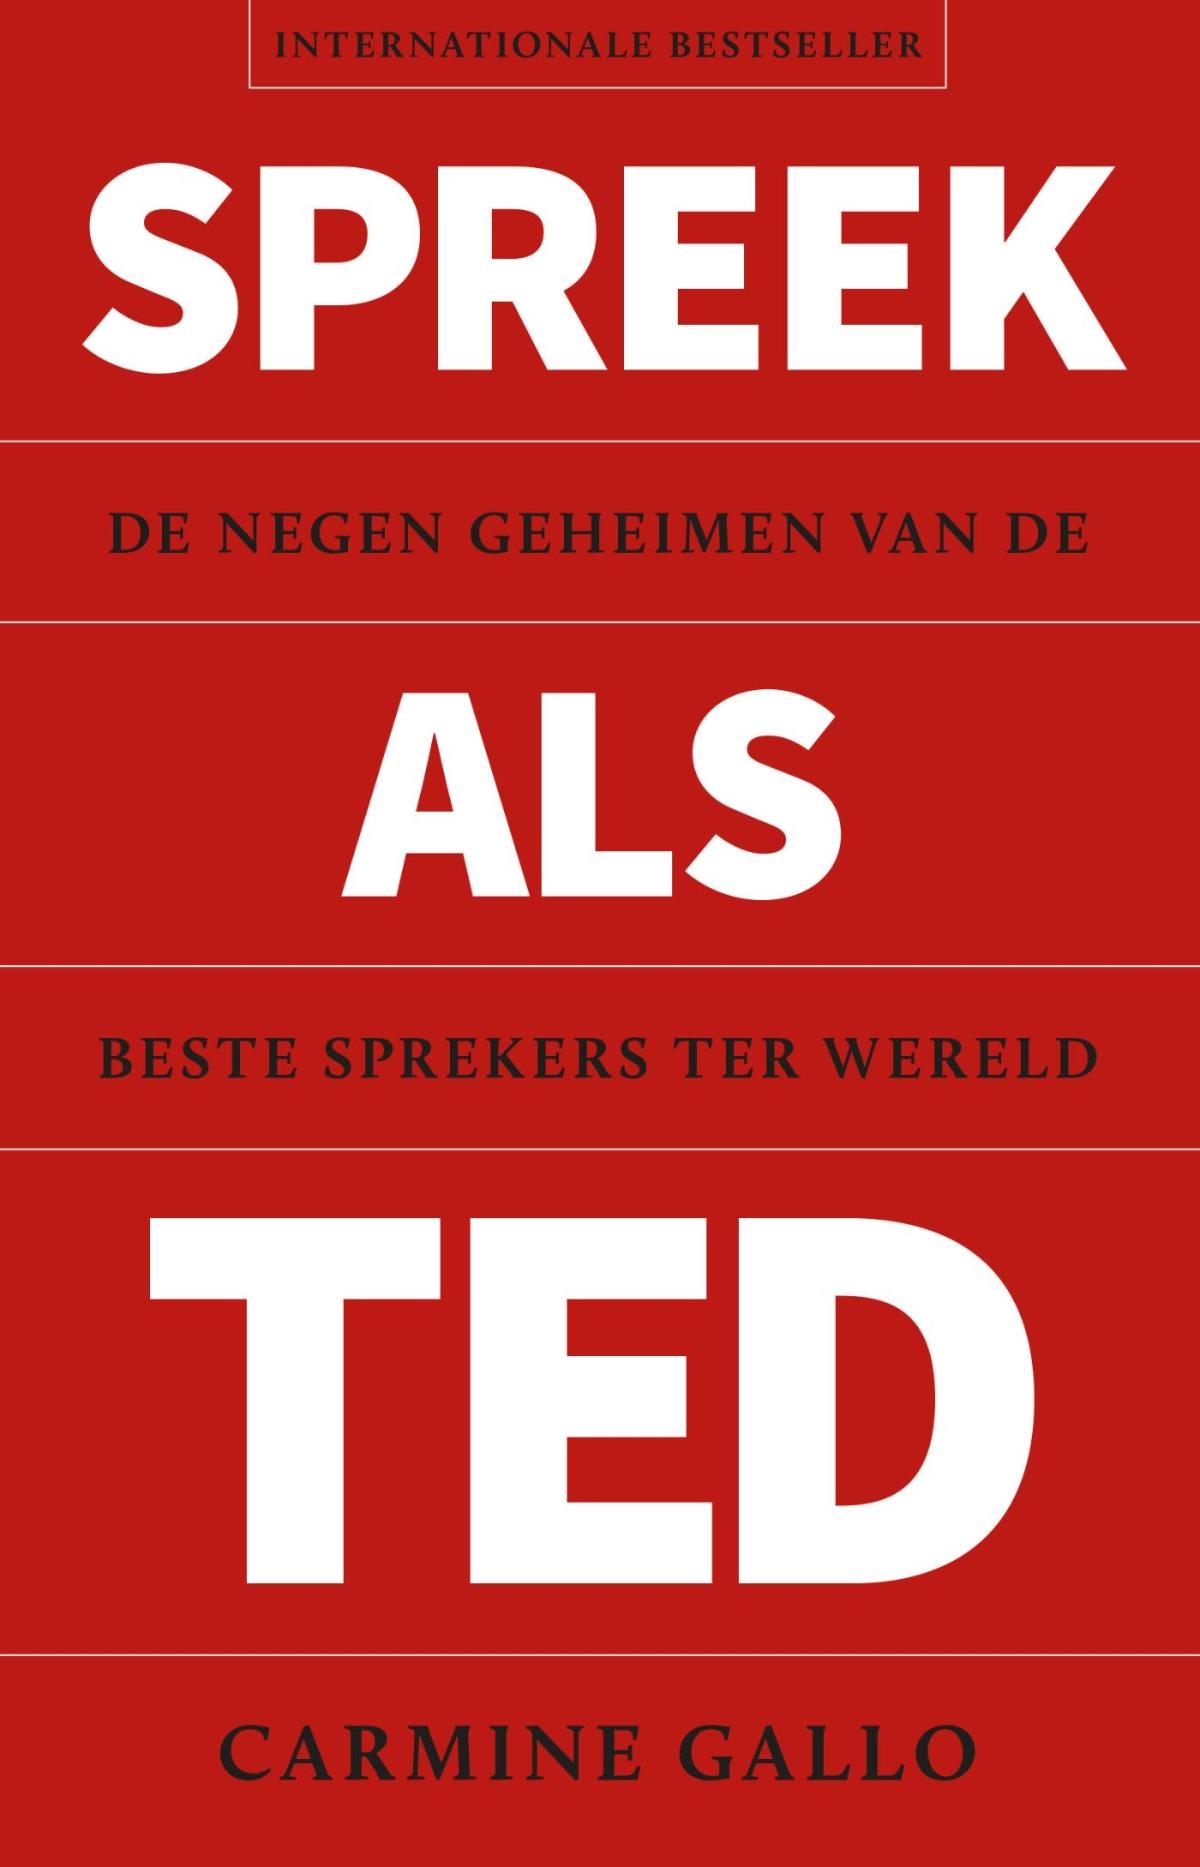 Spreek als TED - Carmine Gallo